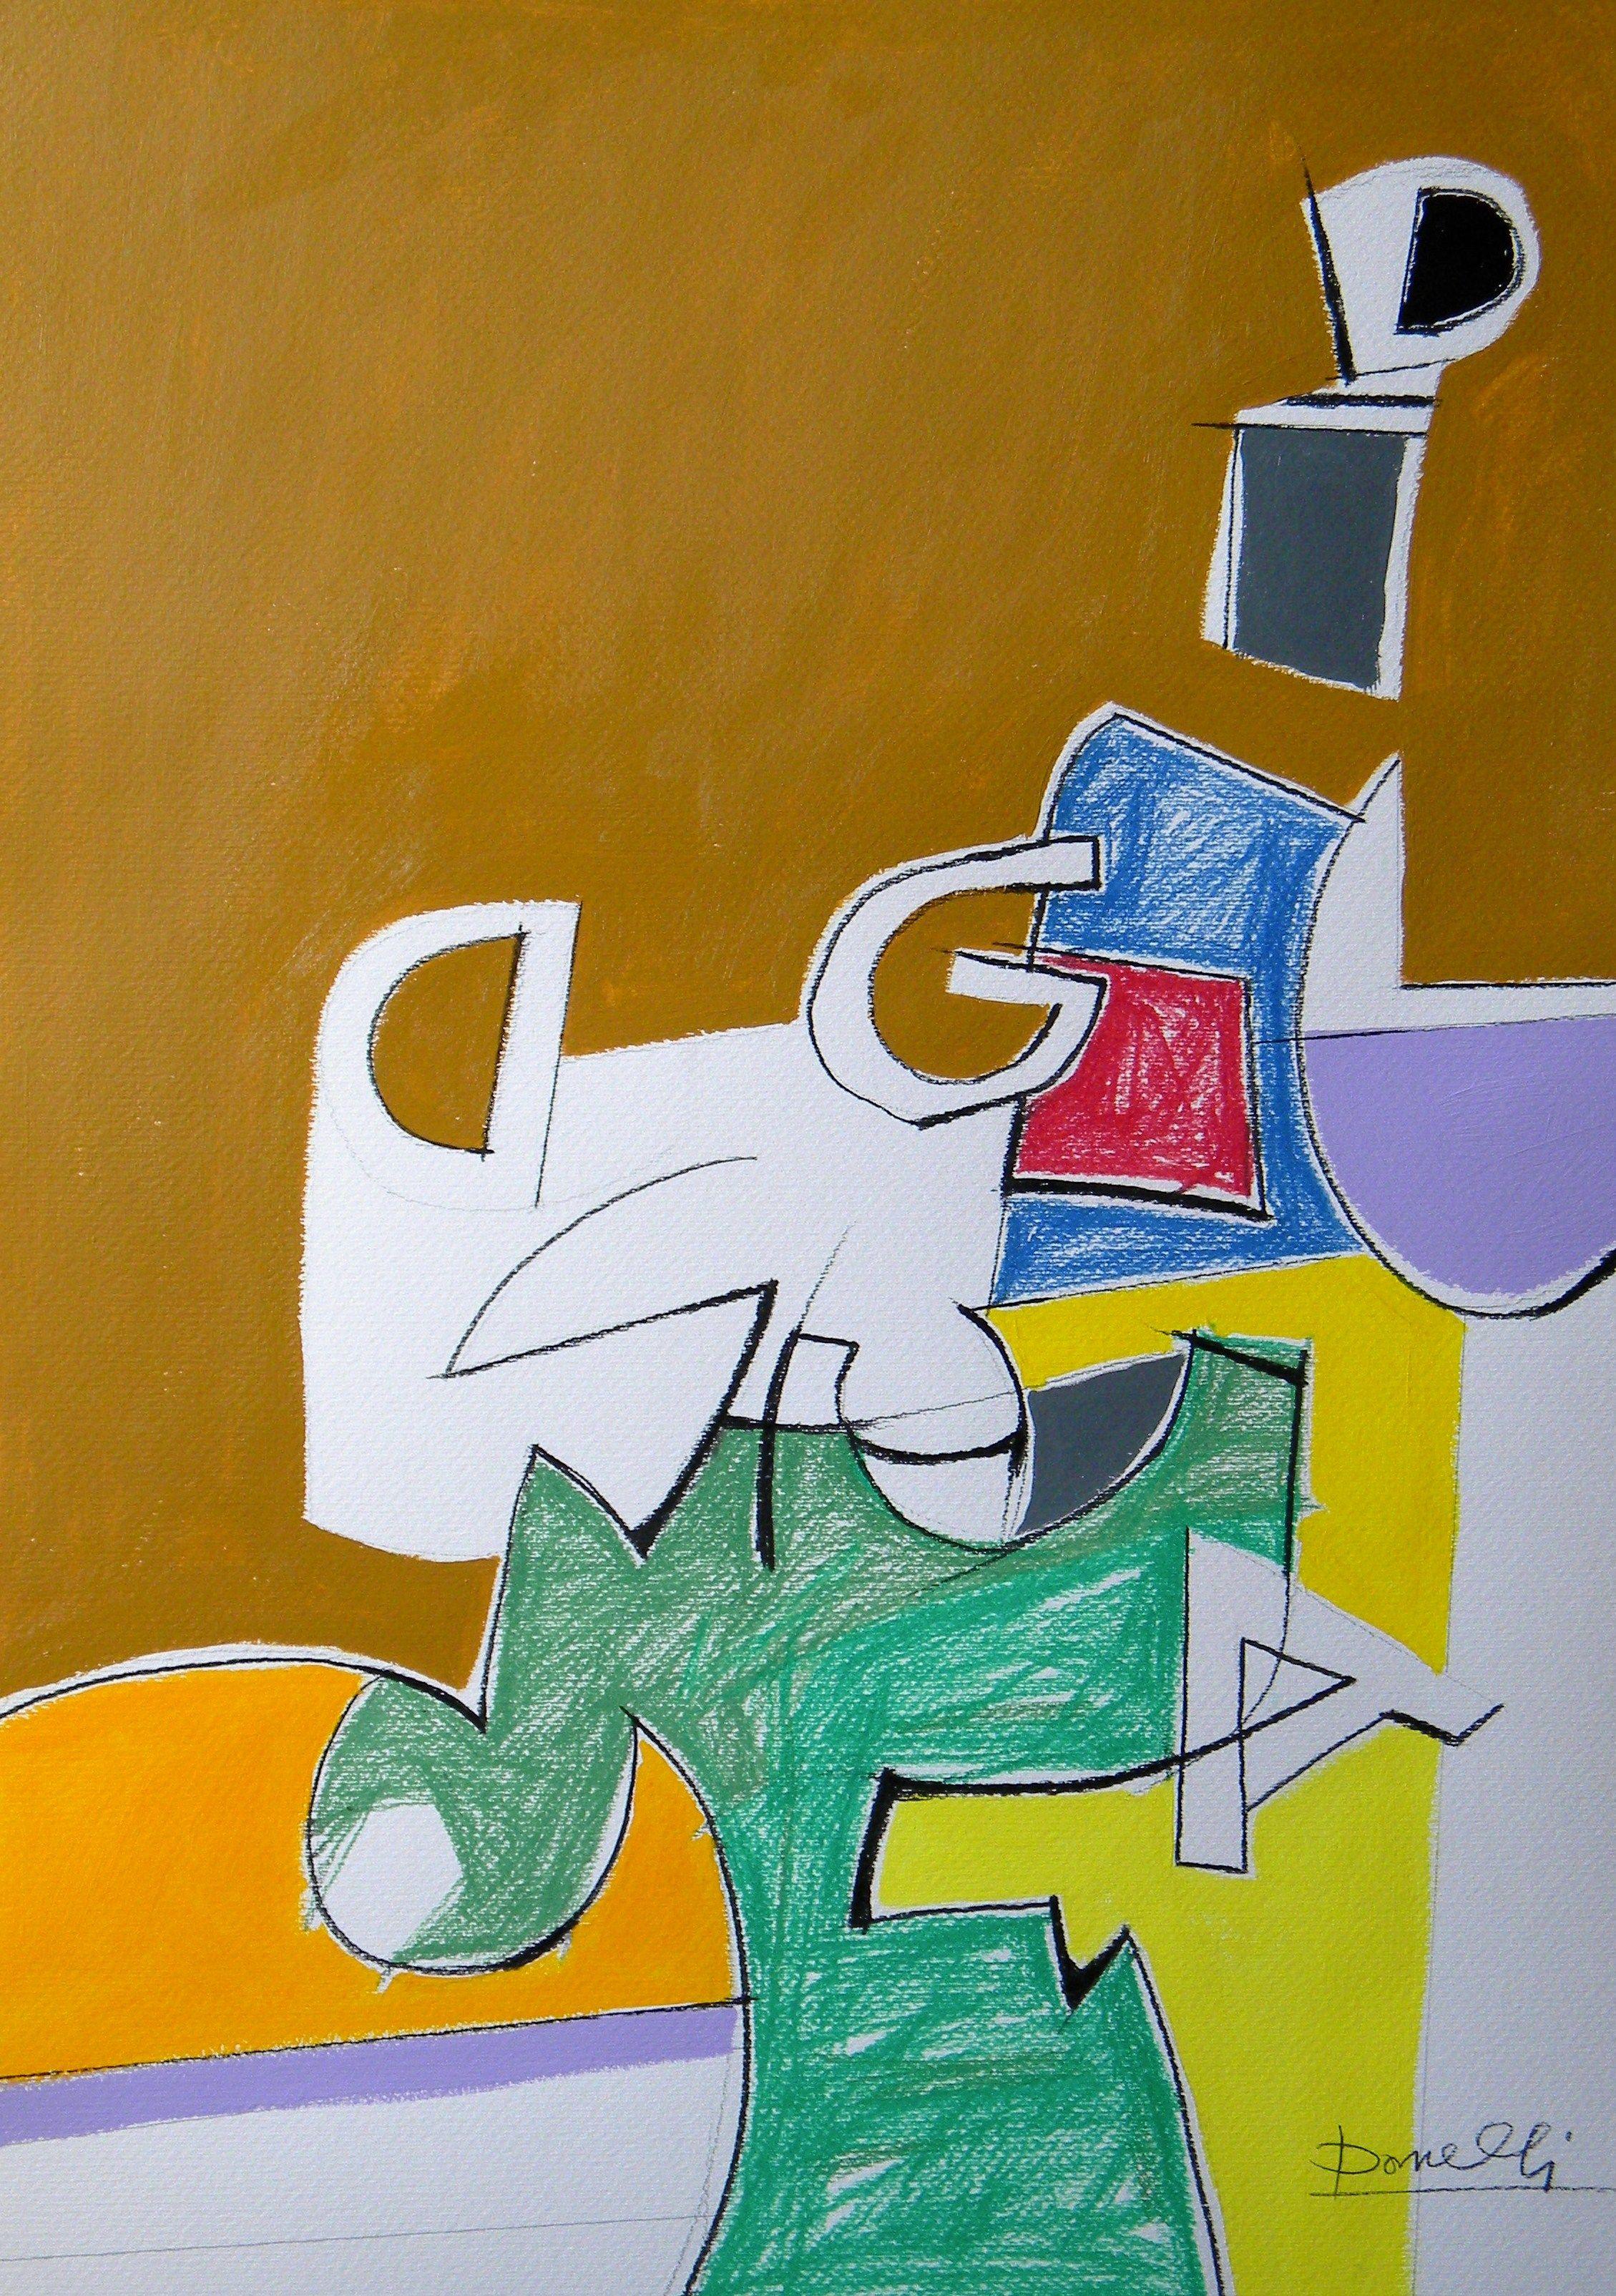 Spazio e oggetti in una struttura metafisica. Space and objects in a metaphysical structure. 2010. Gabriele Donelli